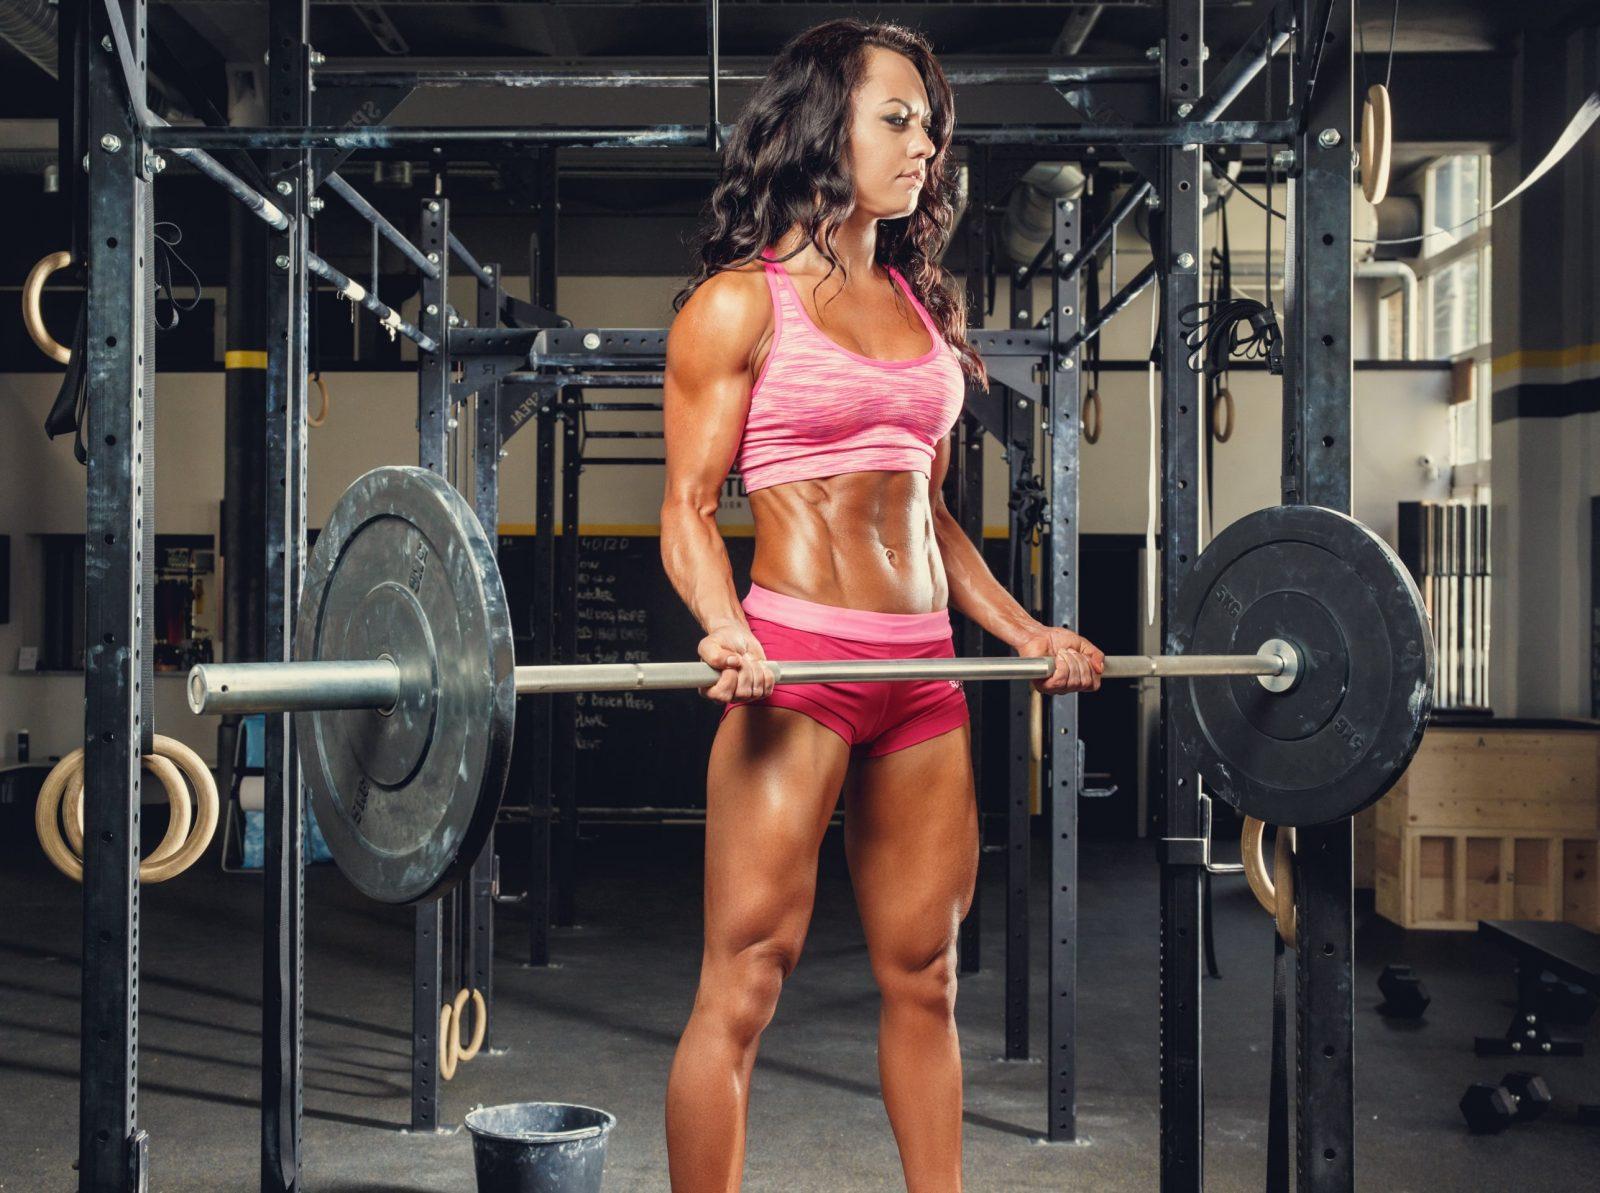 Девушка поднимает штангу на бицепс в тренажерном зале